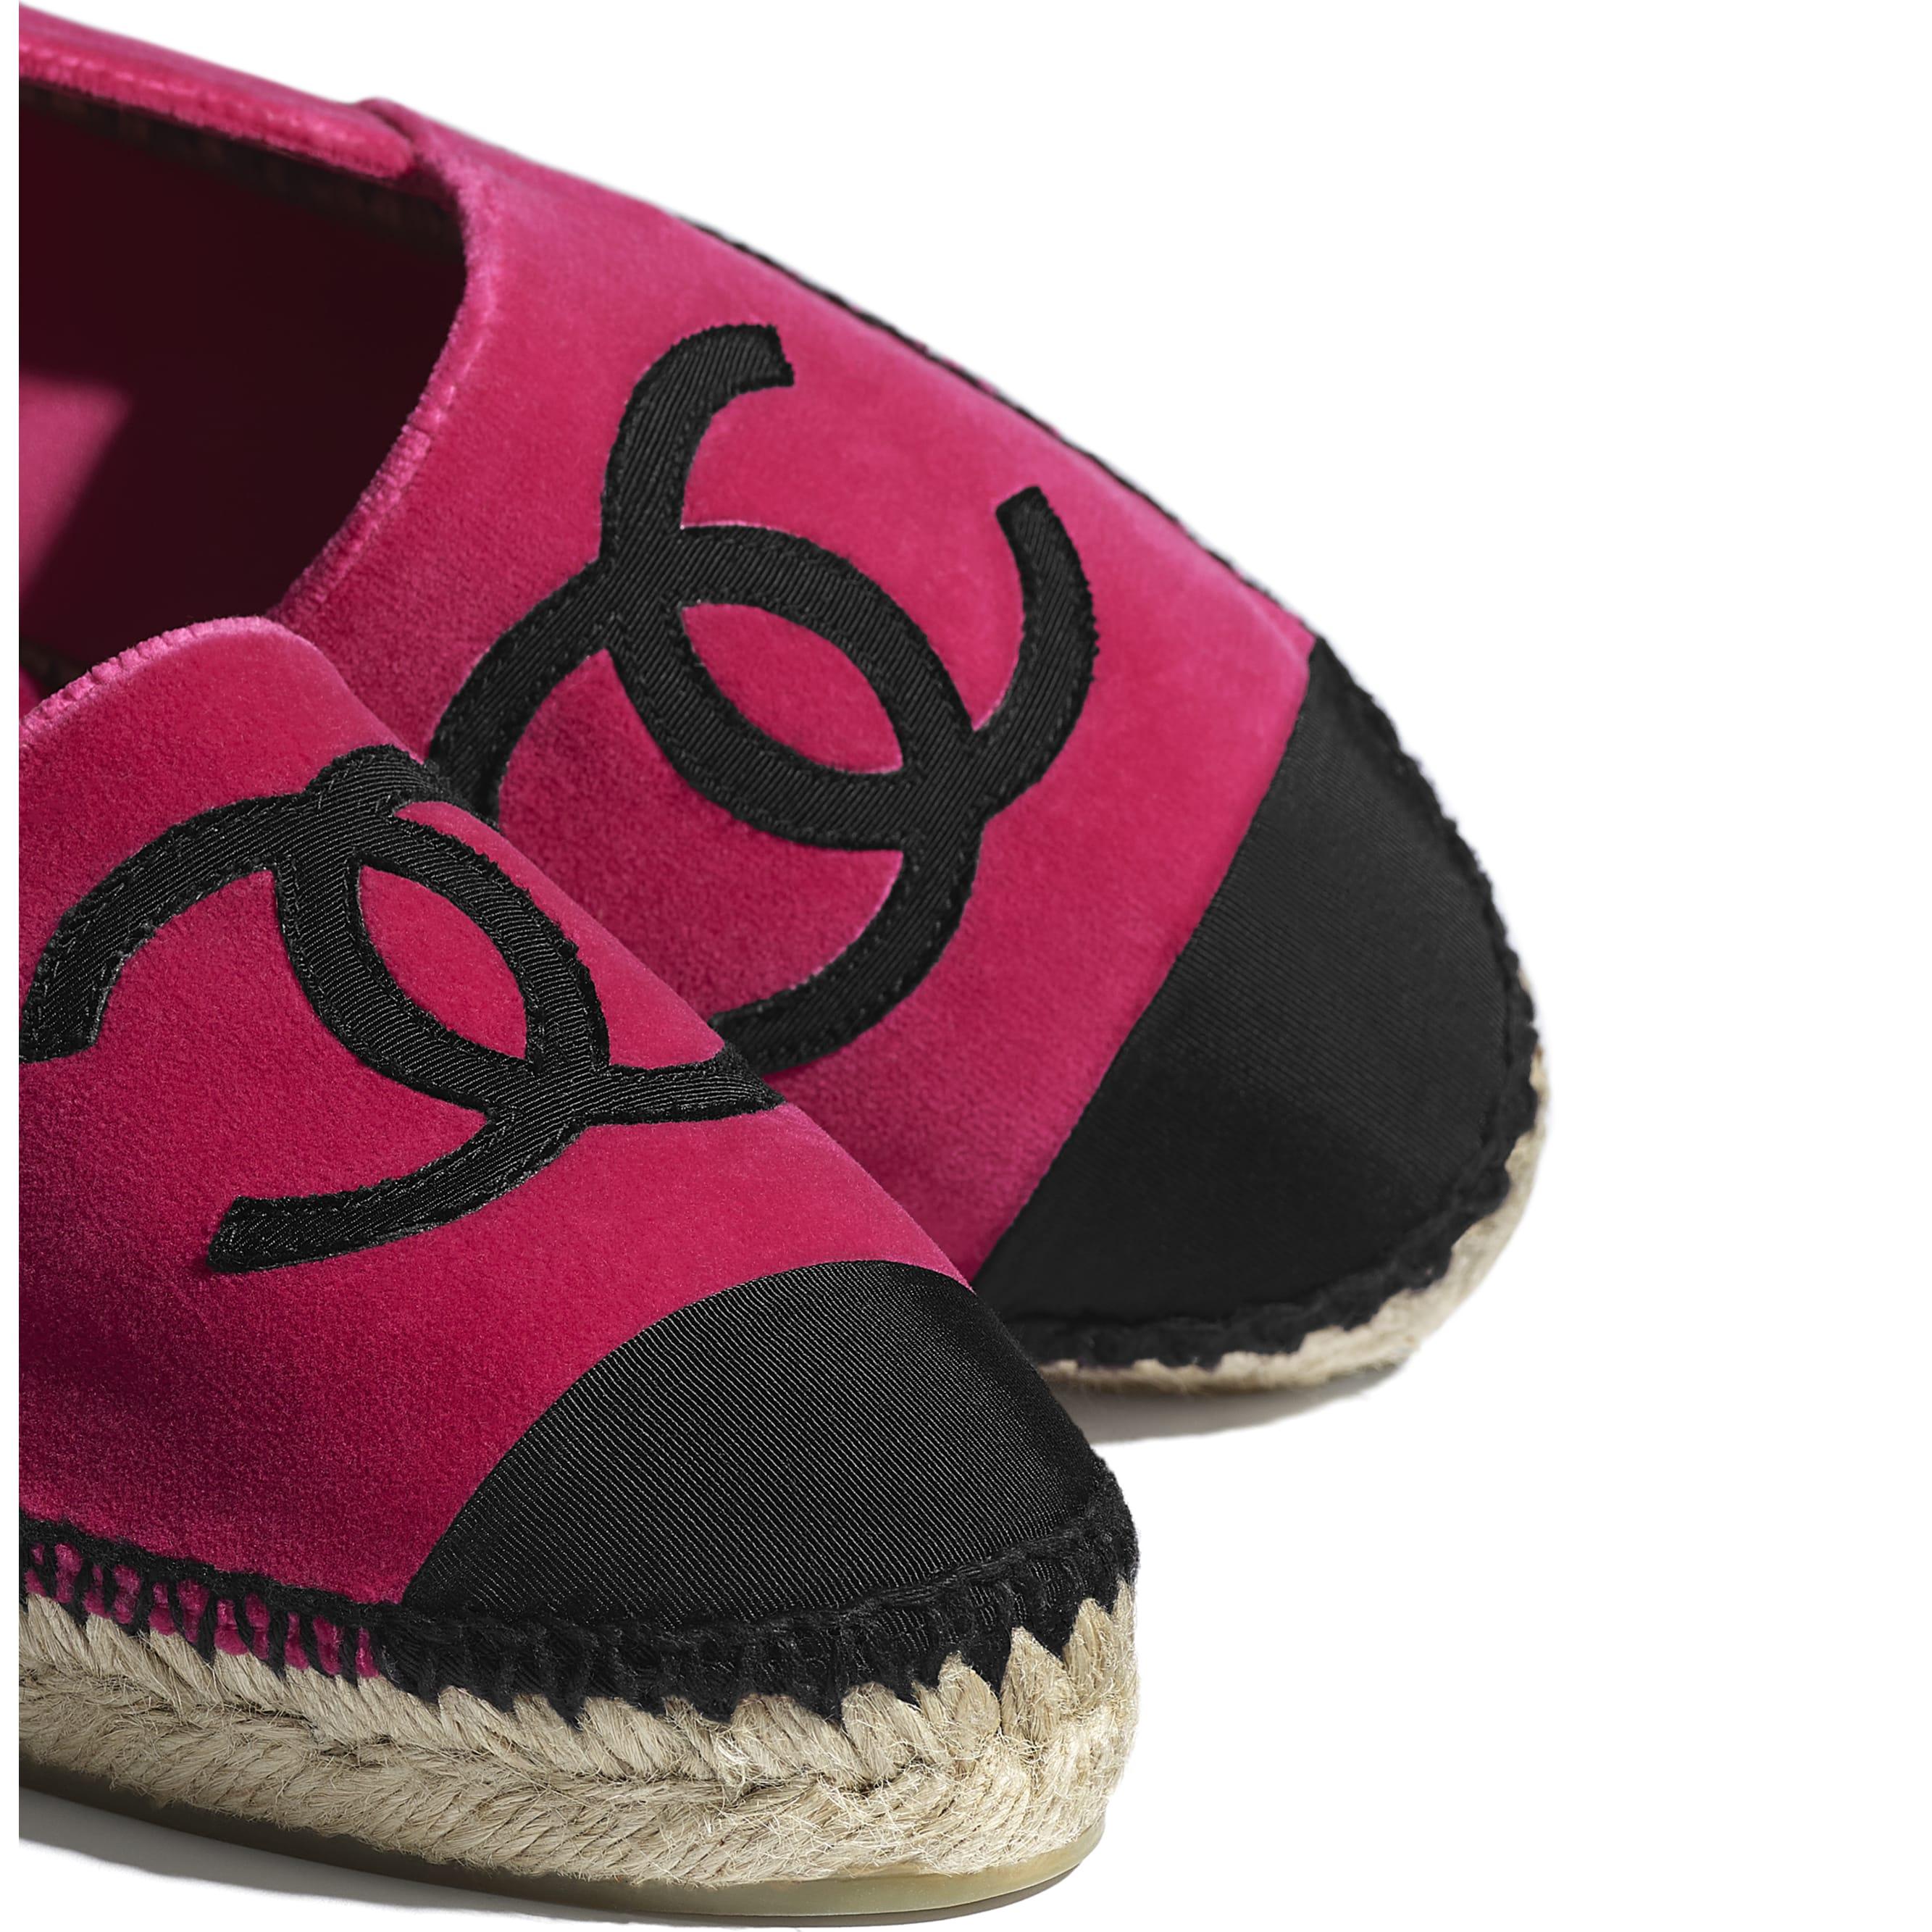 รองเท้าเอสพาดริลล์ - สีชมพูและสีดำ - CHANEL - มุมมองพิเศษ - ดูเวอร์ชันขนาดมาตรฐาน